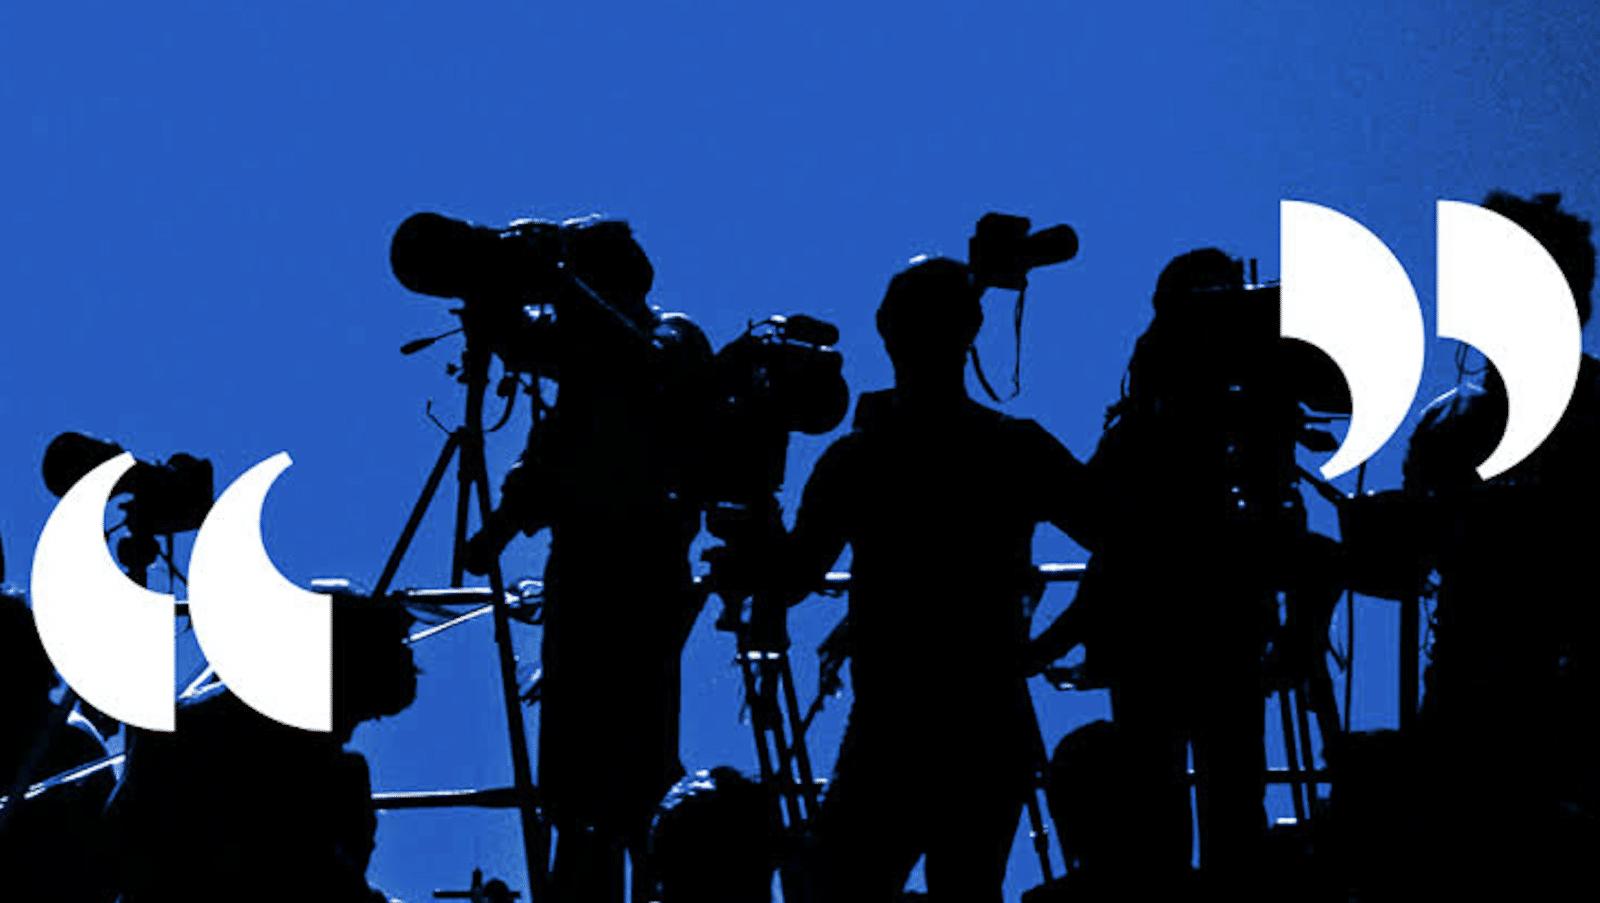 """Facebook เปิดรับสมัคร """"นักข่าว"""" ของตัวเอง คาดทำงานกับ Facebook News ที่กำลังจะเปิดตัว"""